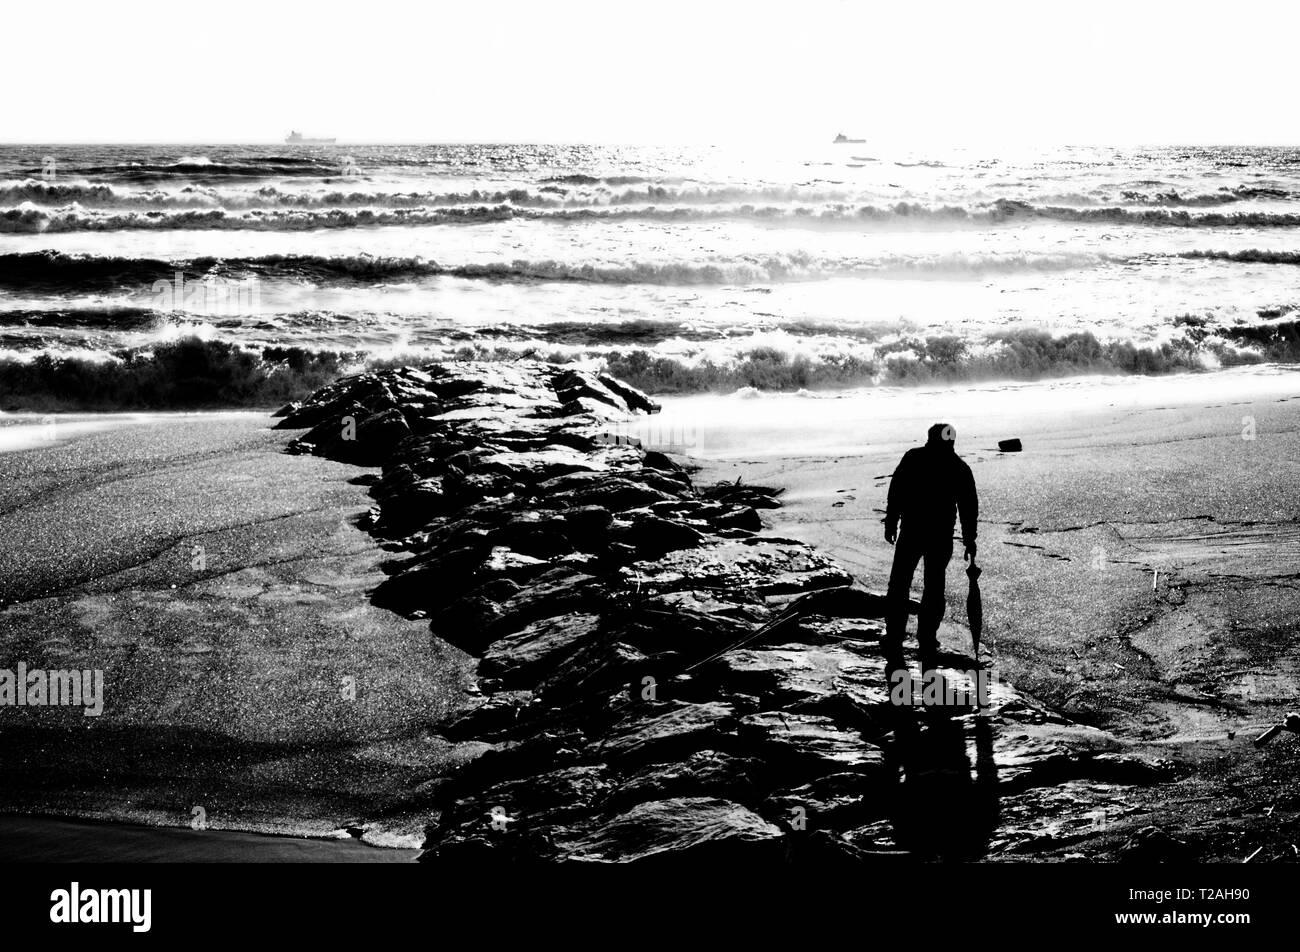 Un homme sur la plage regarde l'état de la mer Photo Stock